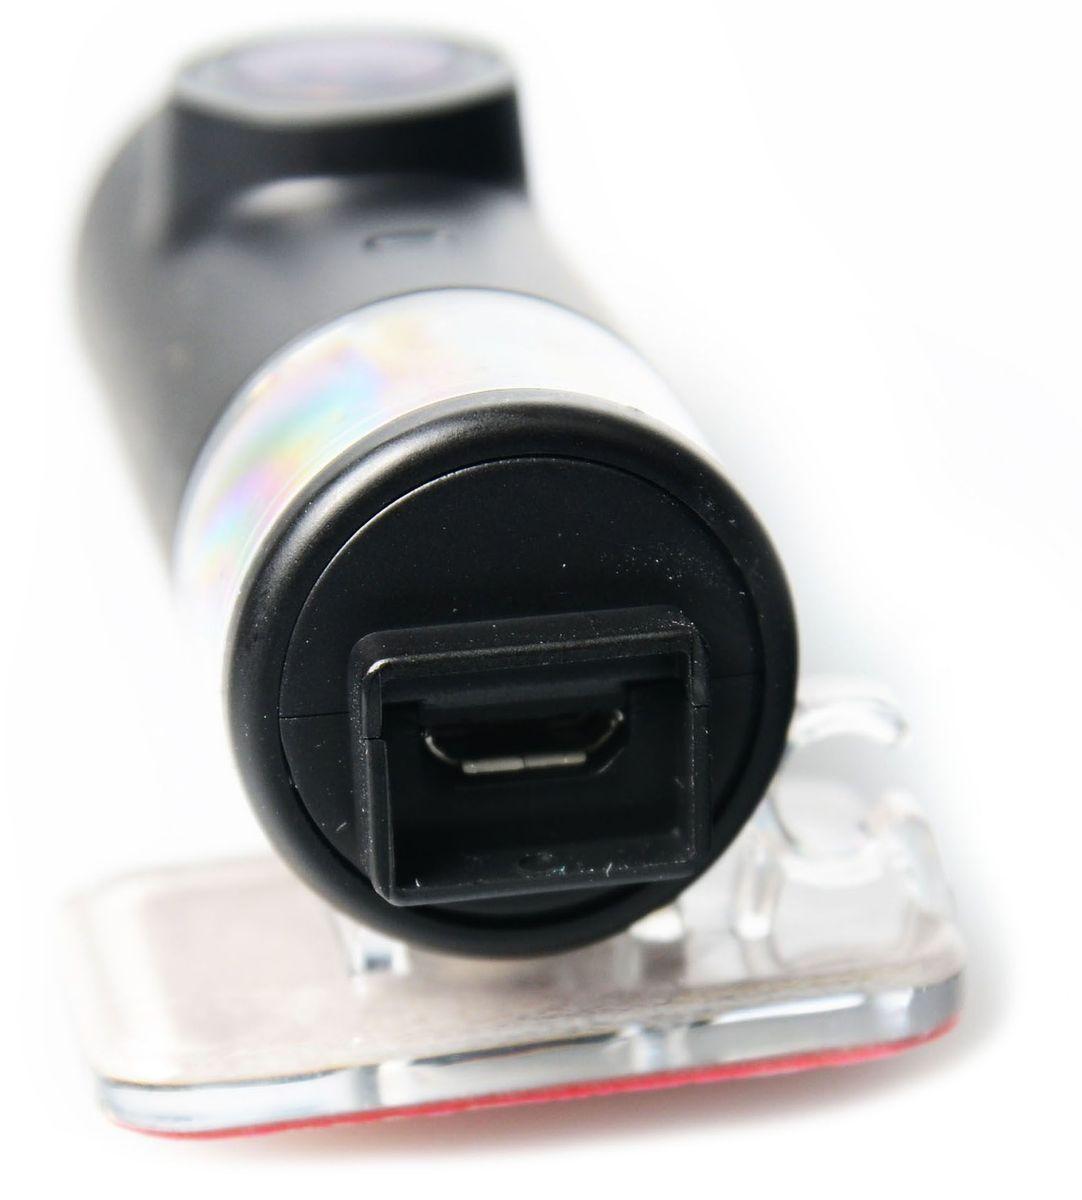 TrendVision Split, Black видеорегистратор6293235863Скрытая установка с выносной камерой, камера на CMOS-сенсоре Sony Exmor IMX323Wi-Fi модуль - просмотр и хранение видео файлов на мобильном устойстве Запись с разрешением 1920х1080, 30 к/сВозможность использования карт объемом до 256 ГбШирокий диапазон питания 8-24 В